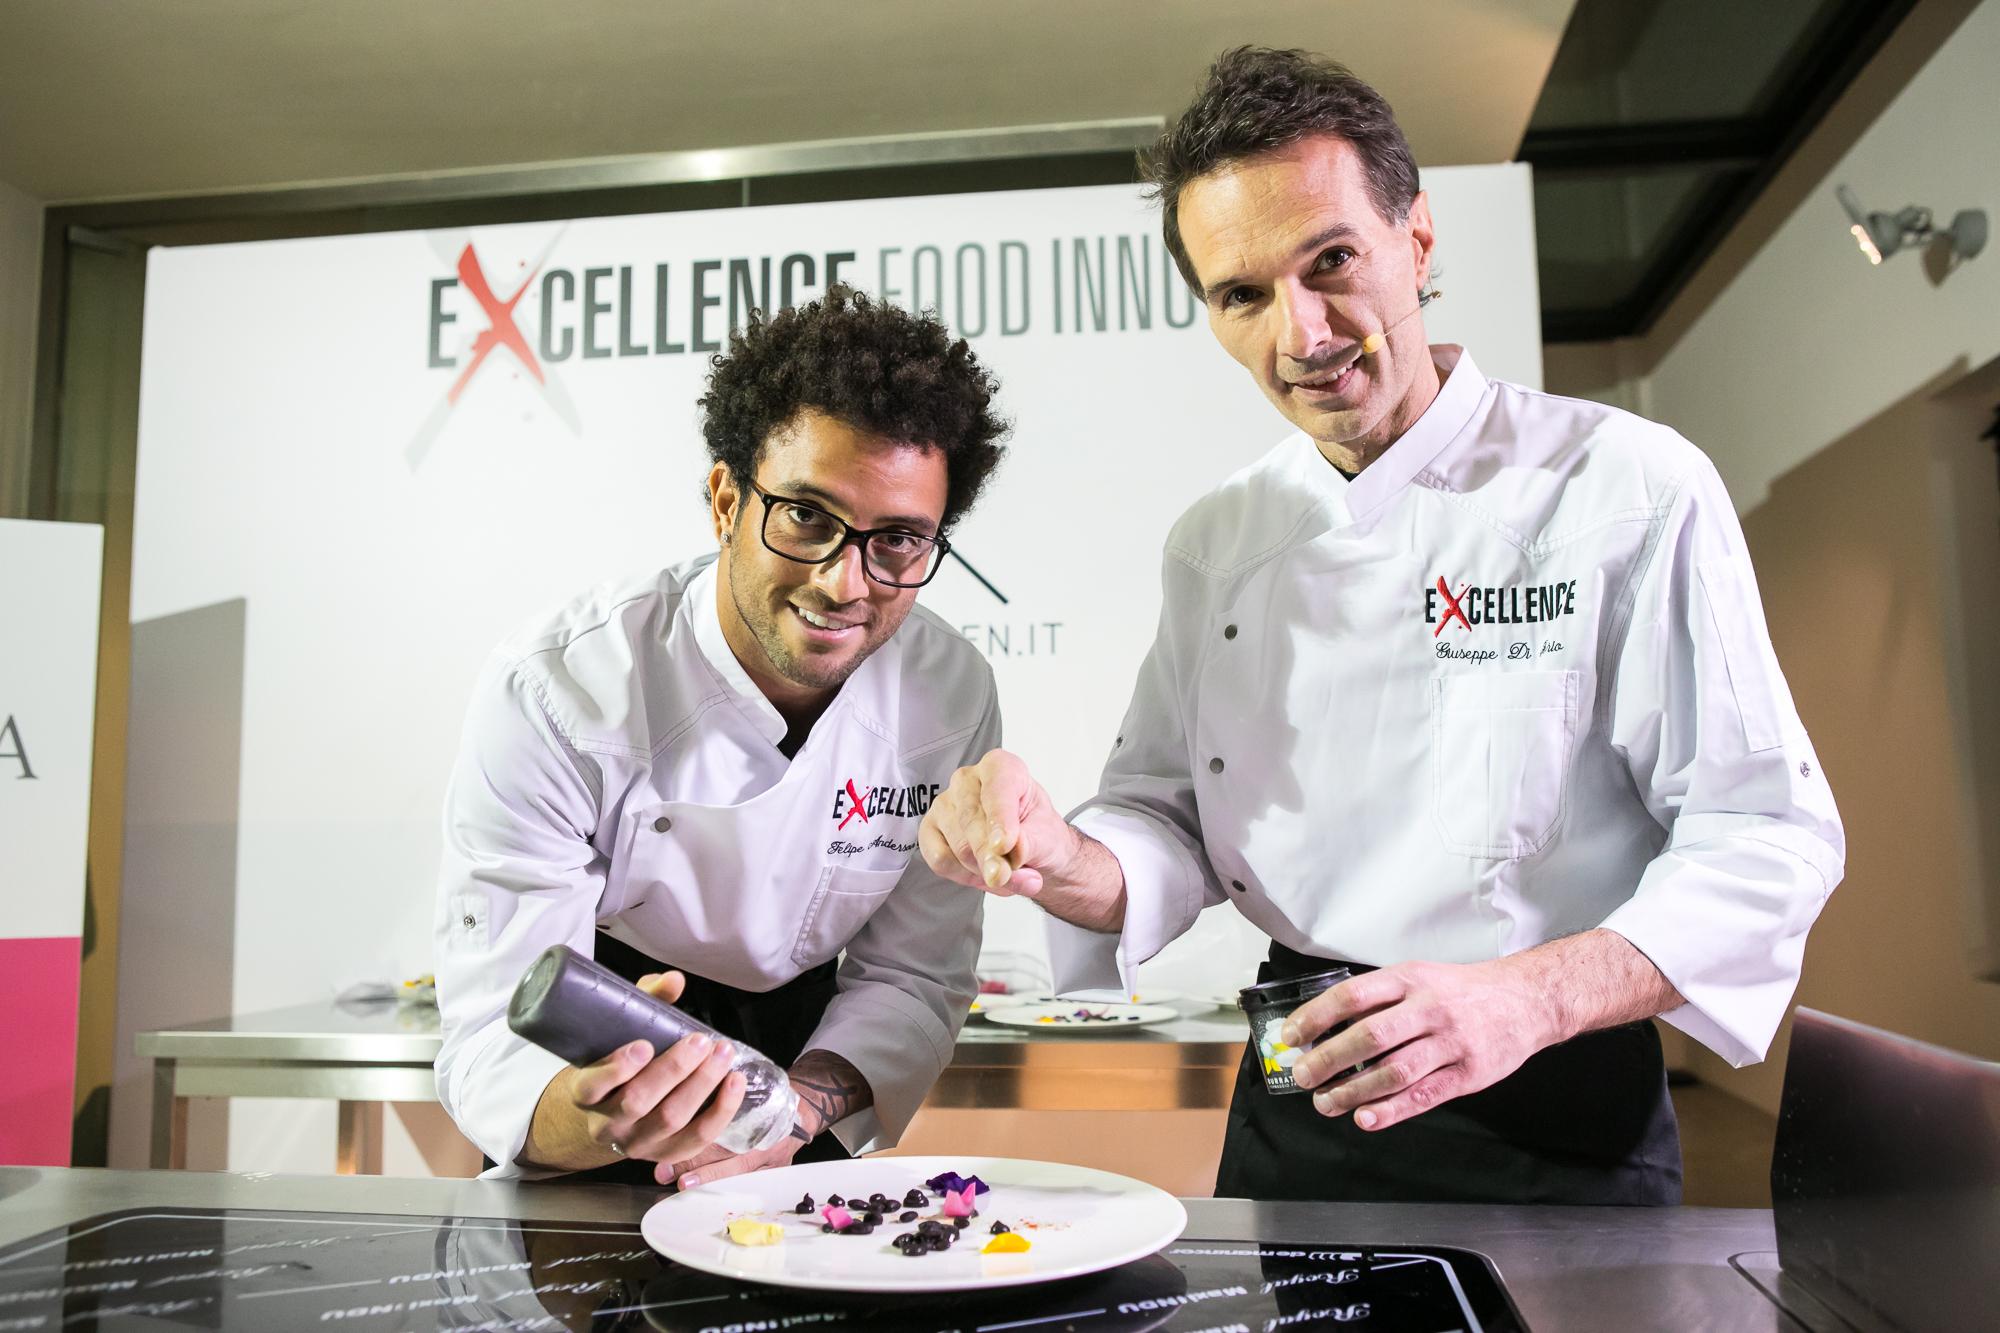 Felipe Anderson e Giuseppe Di Iorio